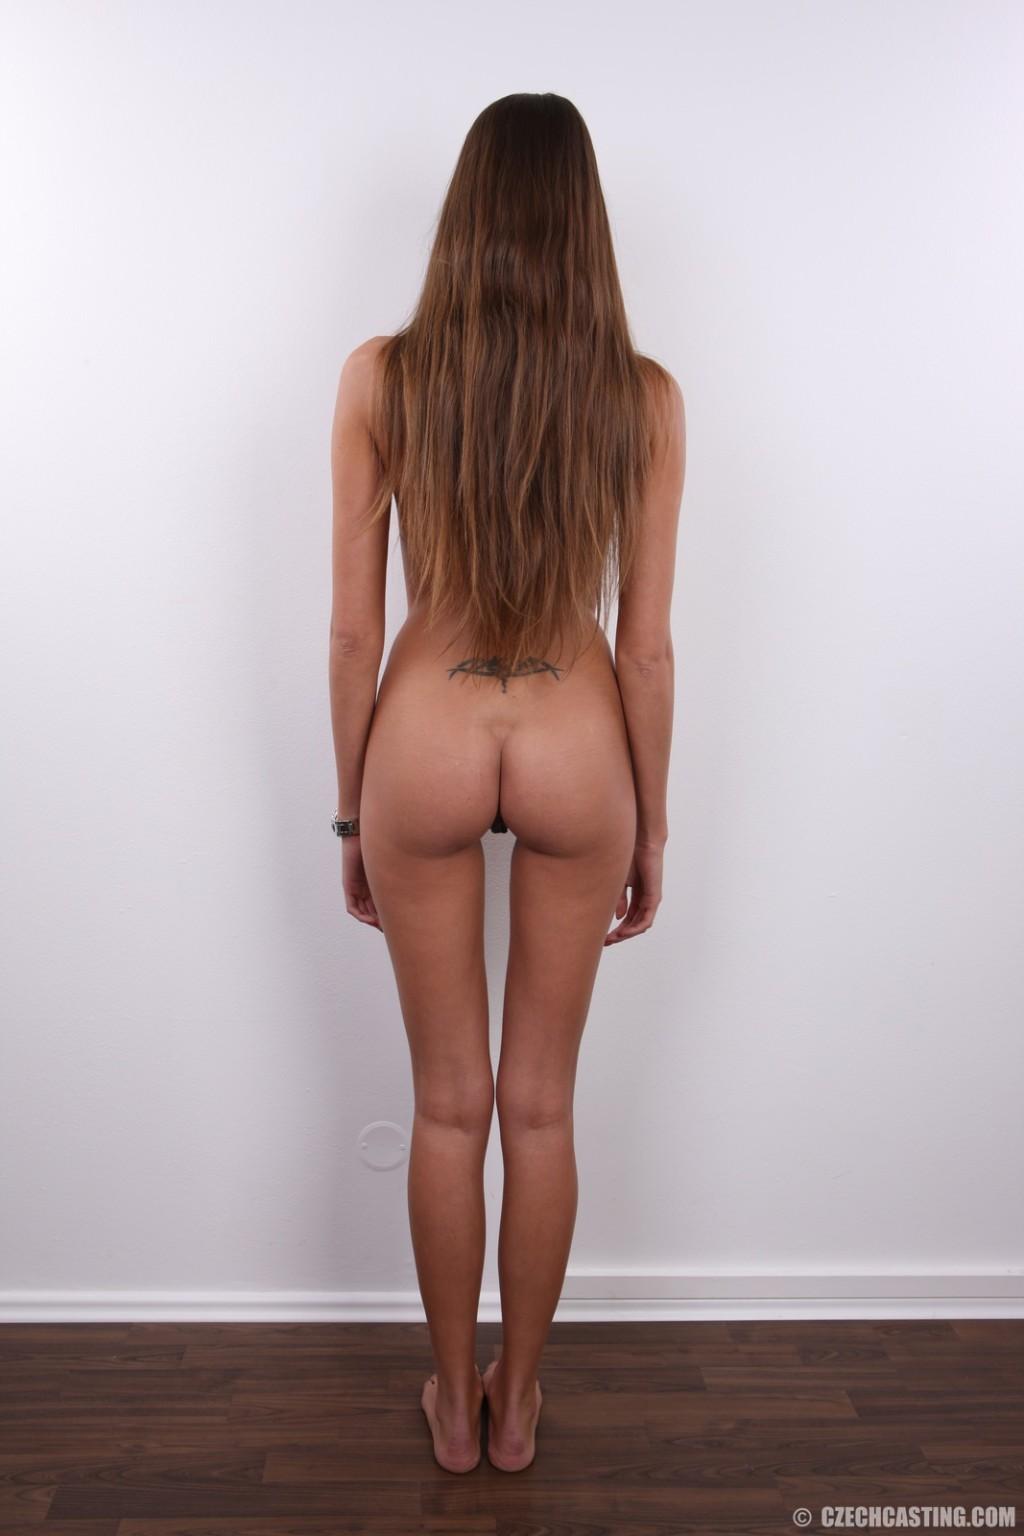 Девка с худыми ногами показала письку на кастинге